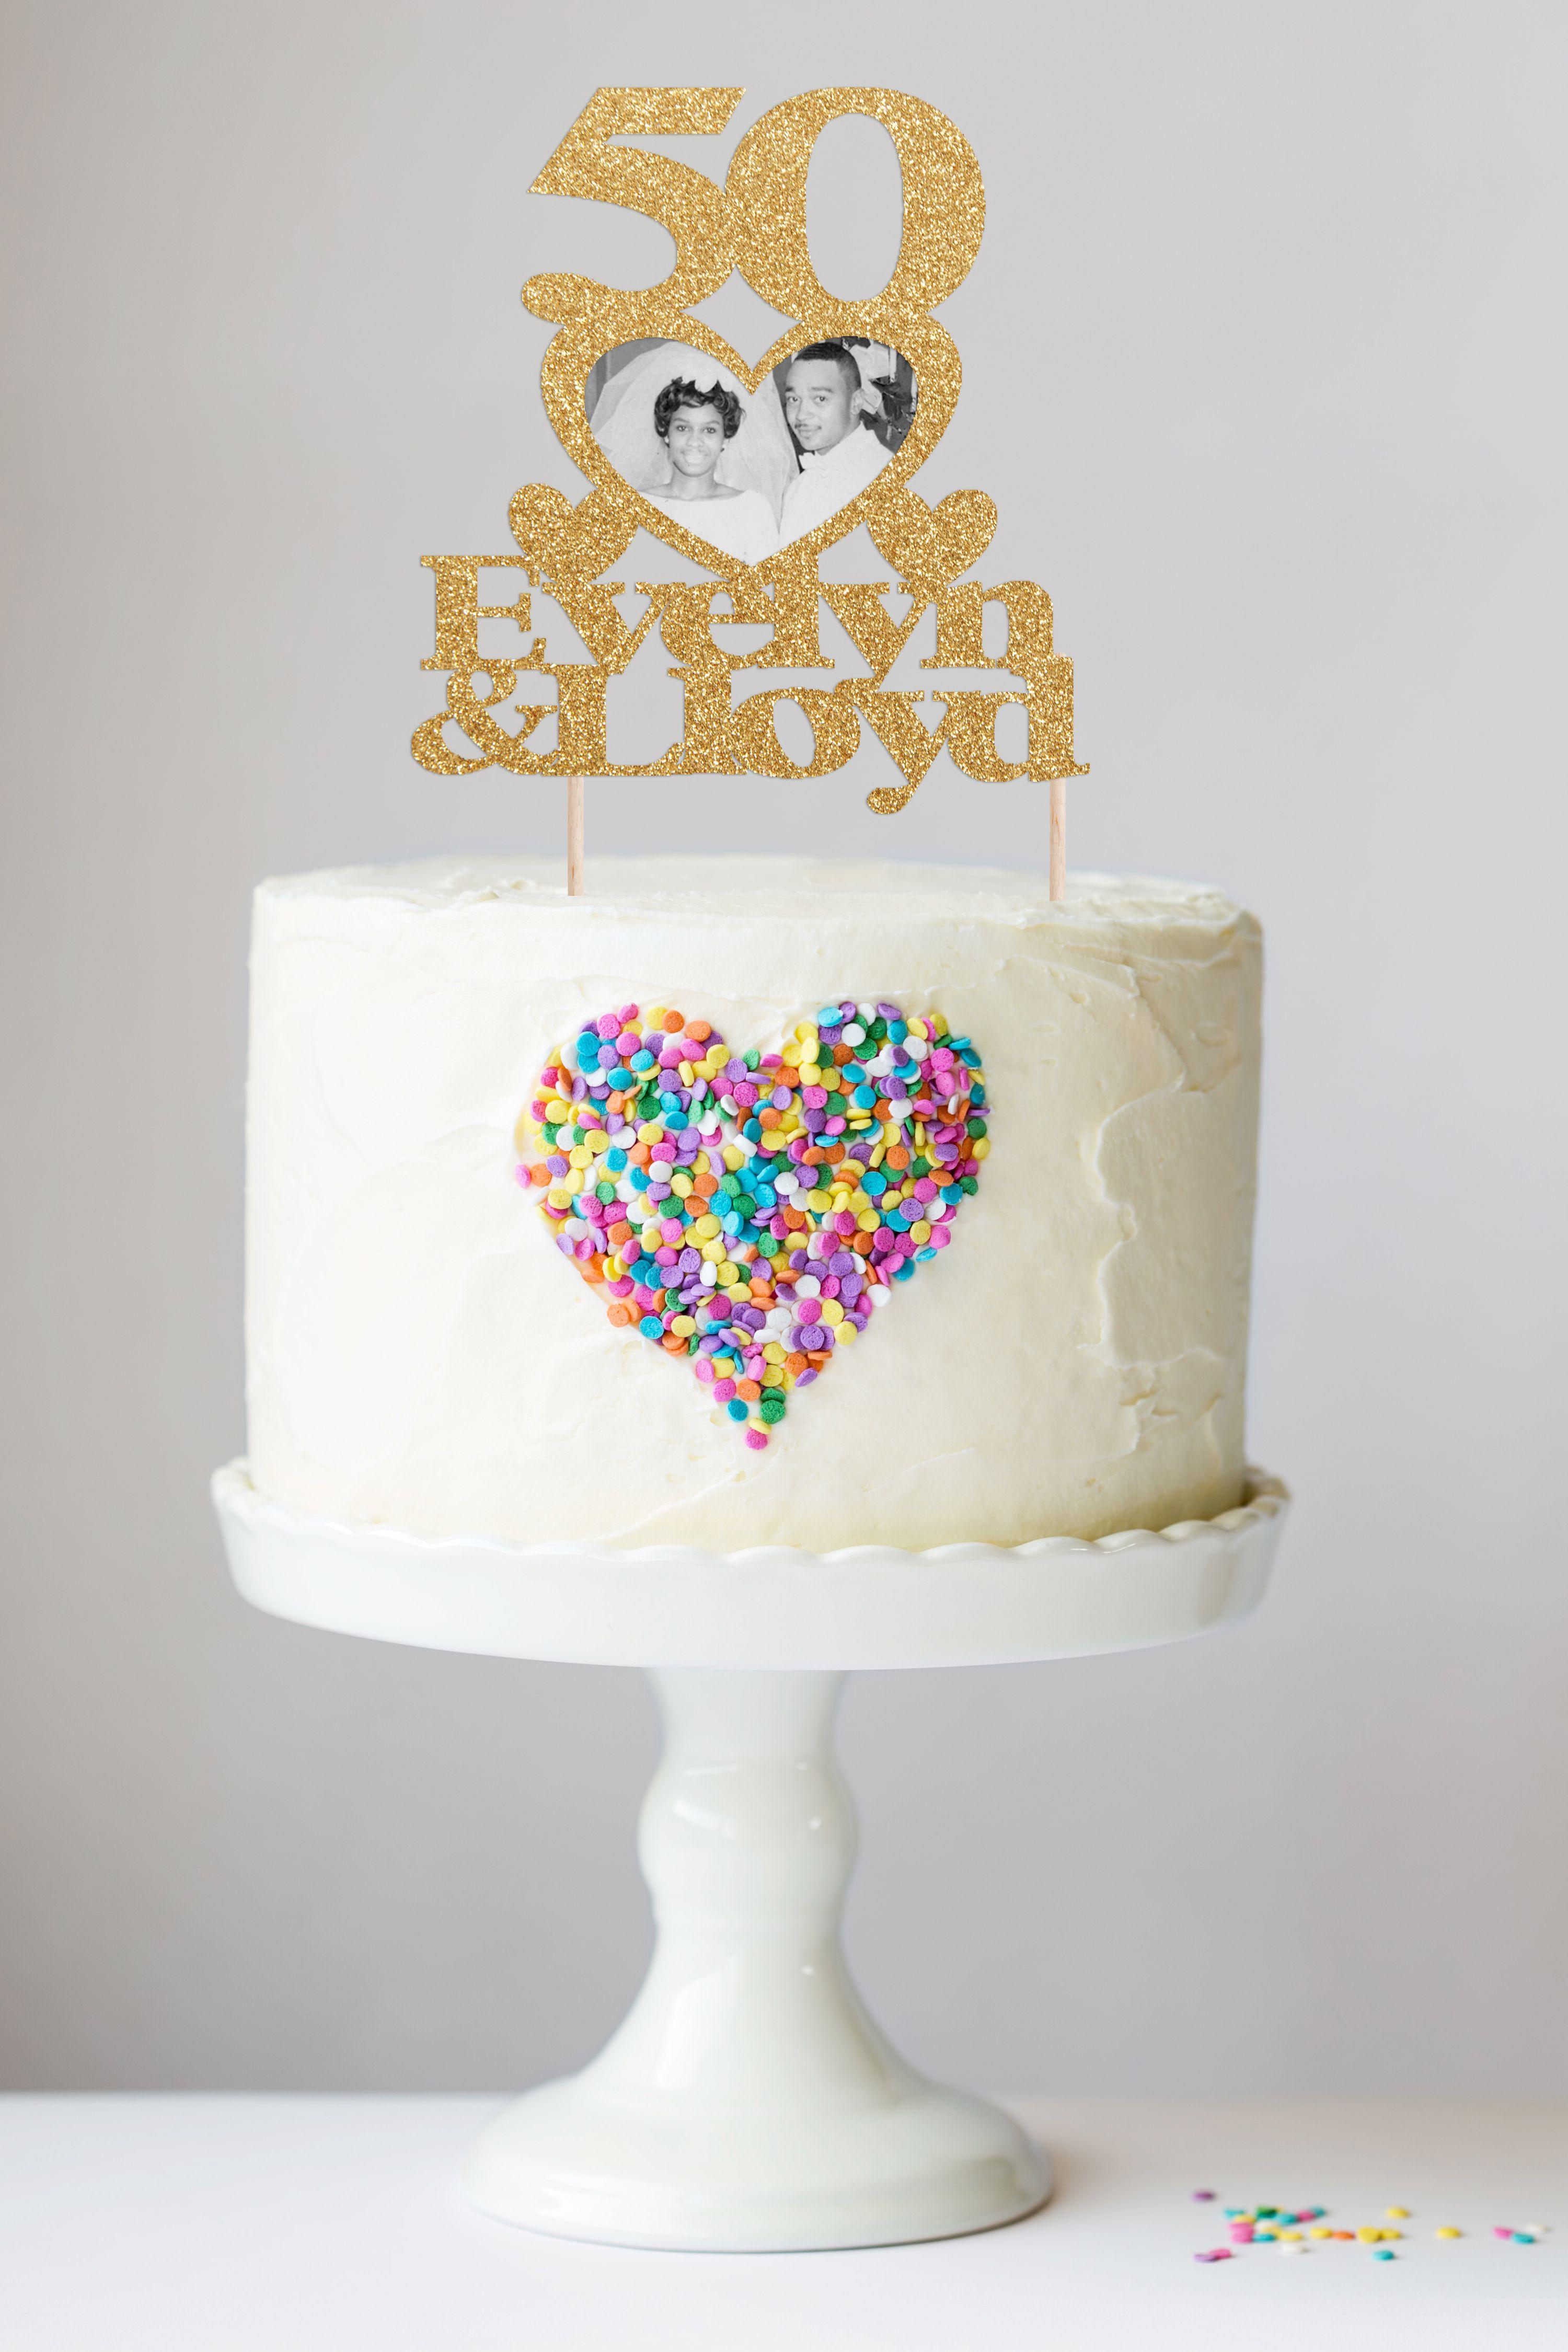 50th Anniversary Cake Topper, Custom Anniversary Cake